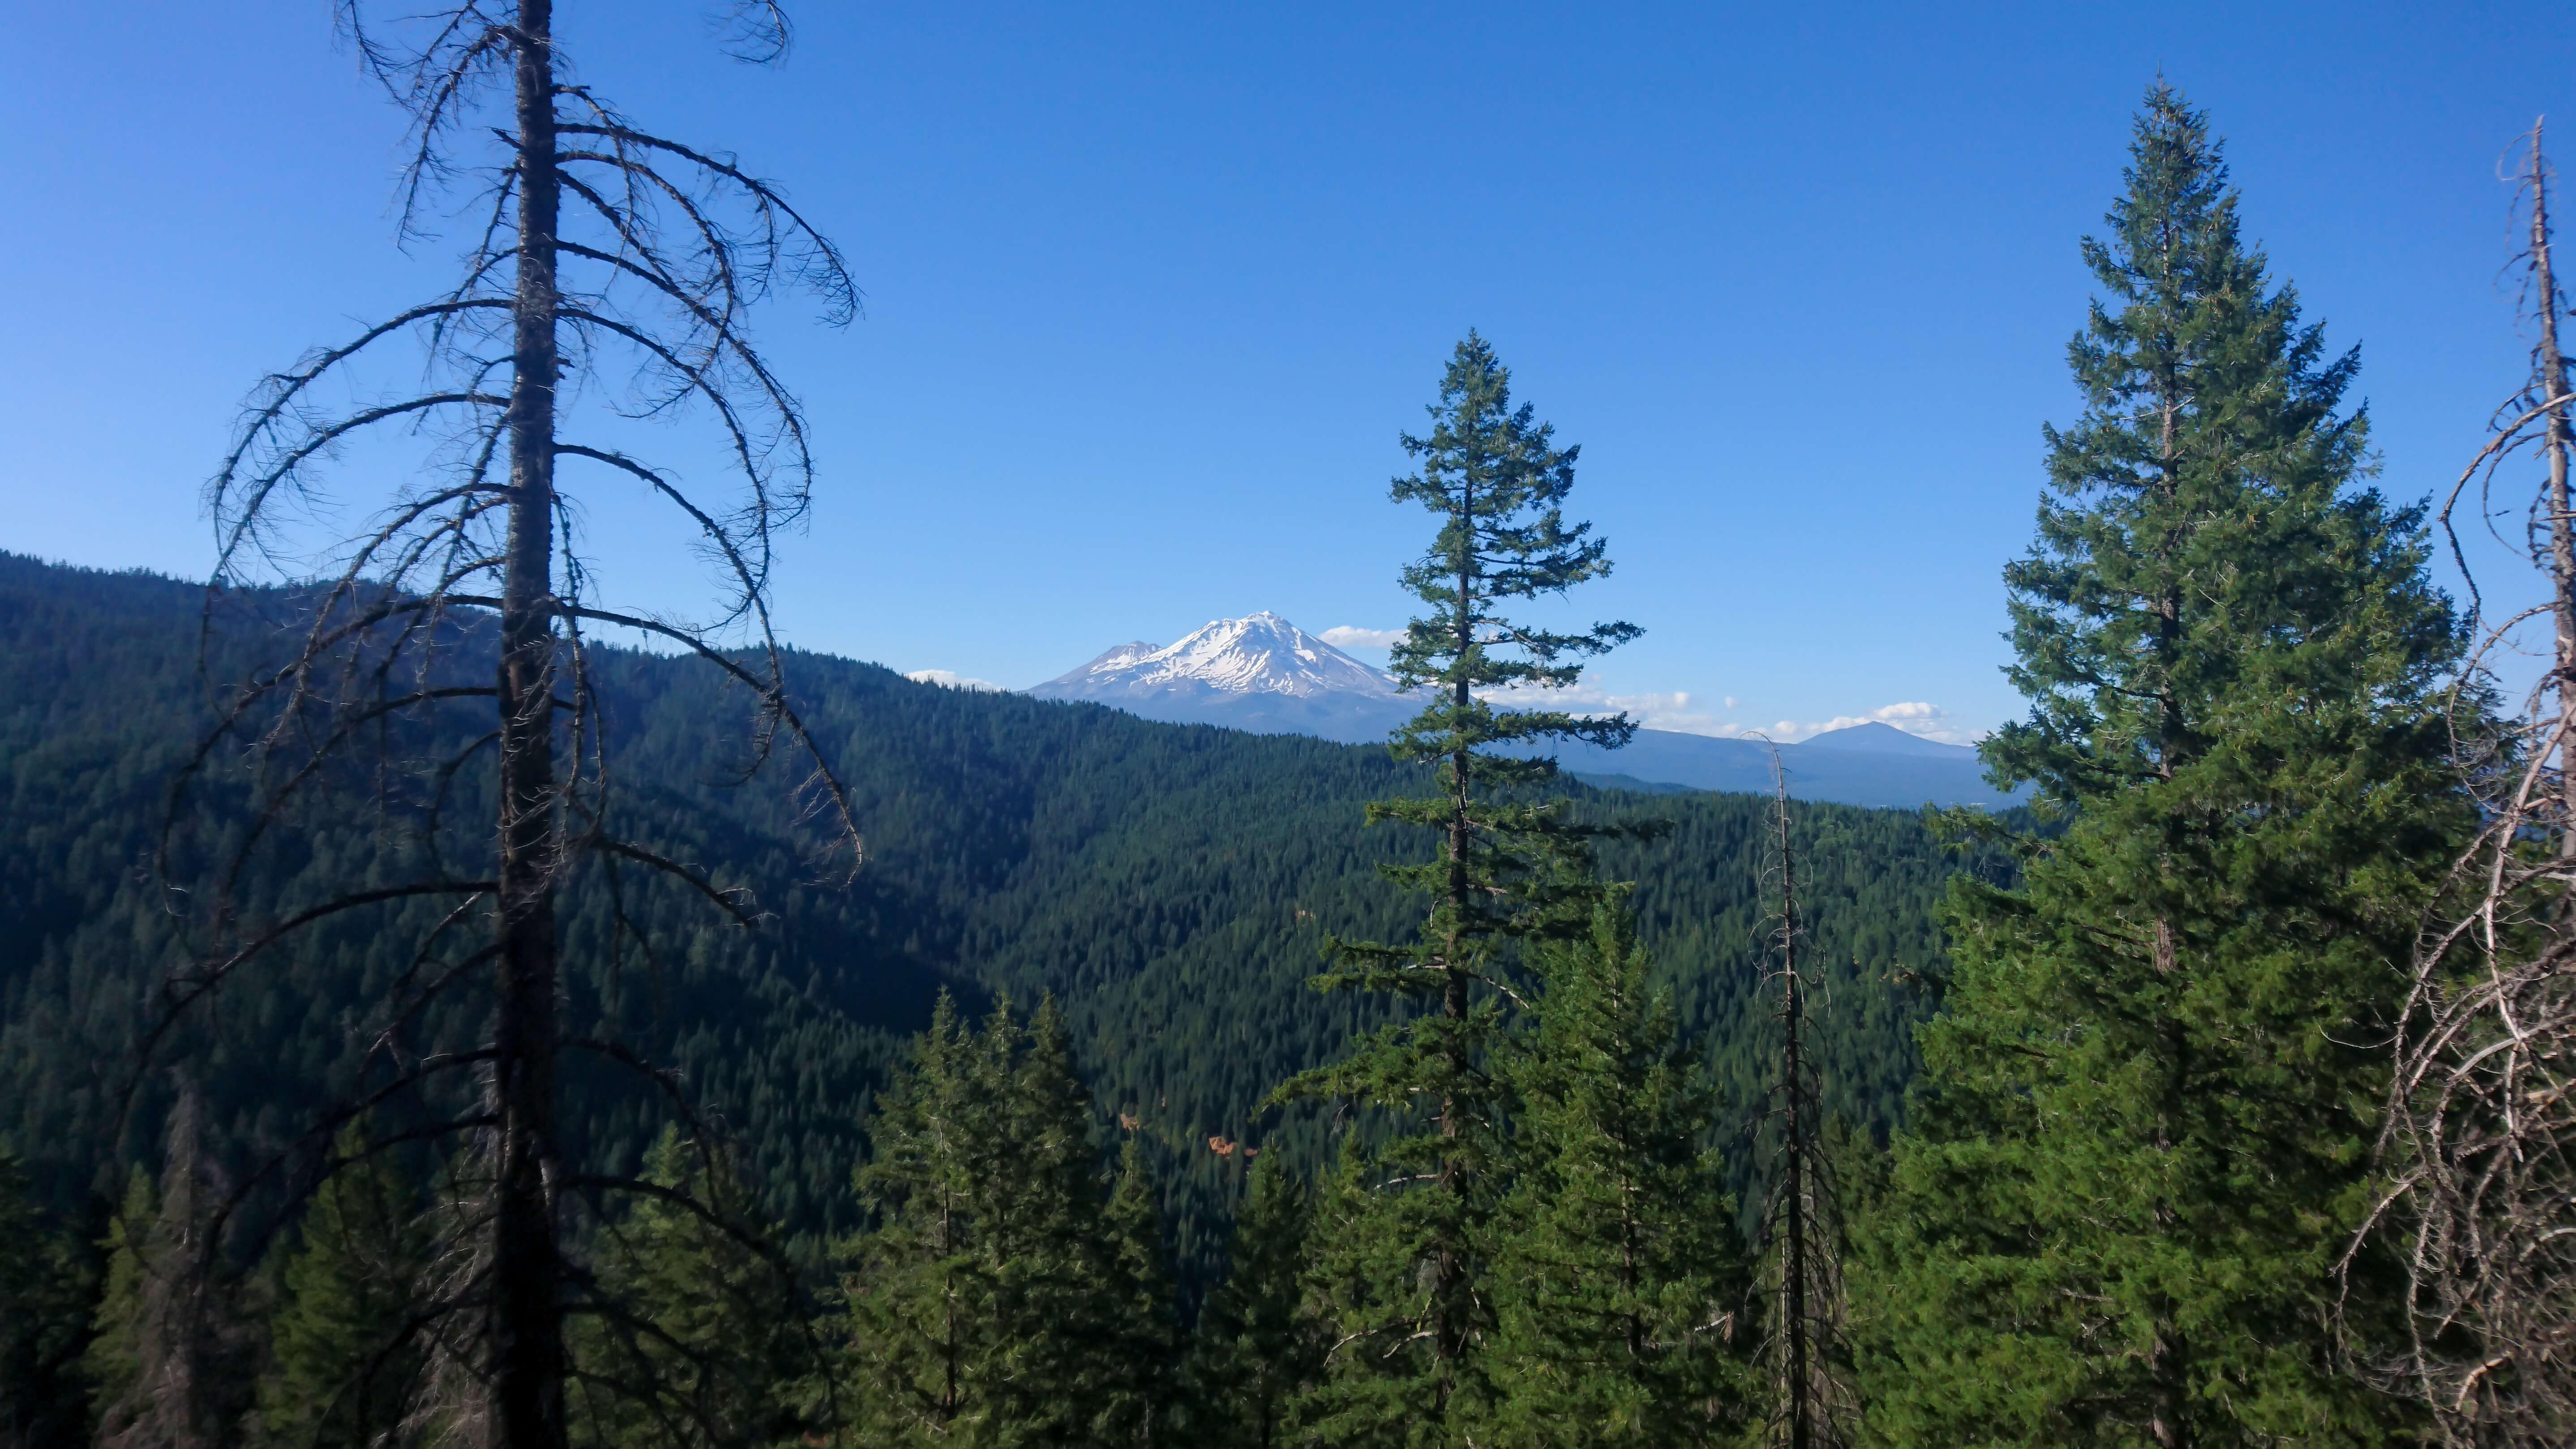 Je contourne petit à petit le Mont Shasta